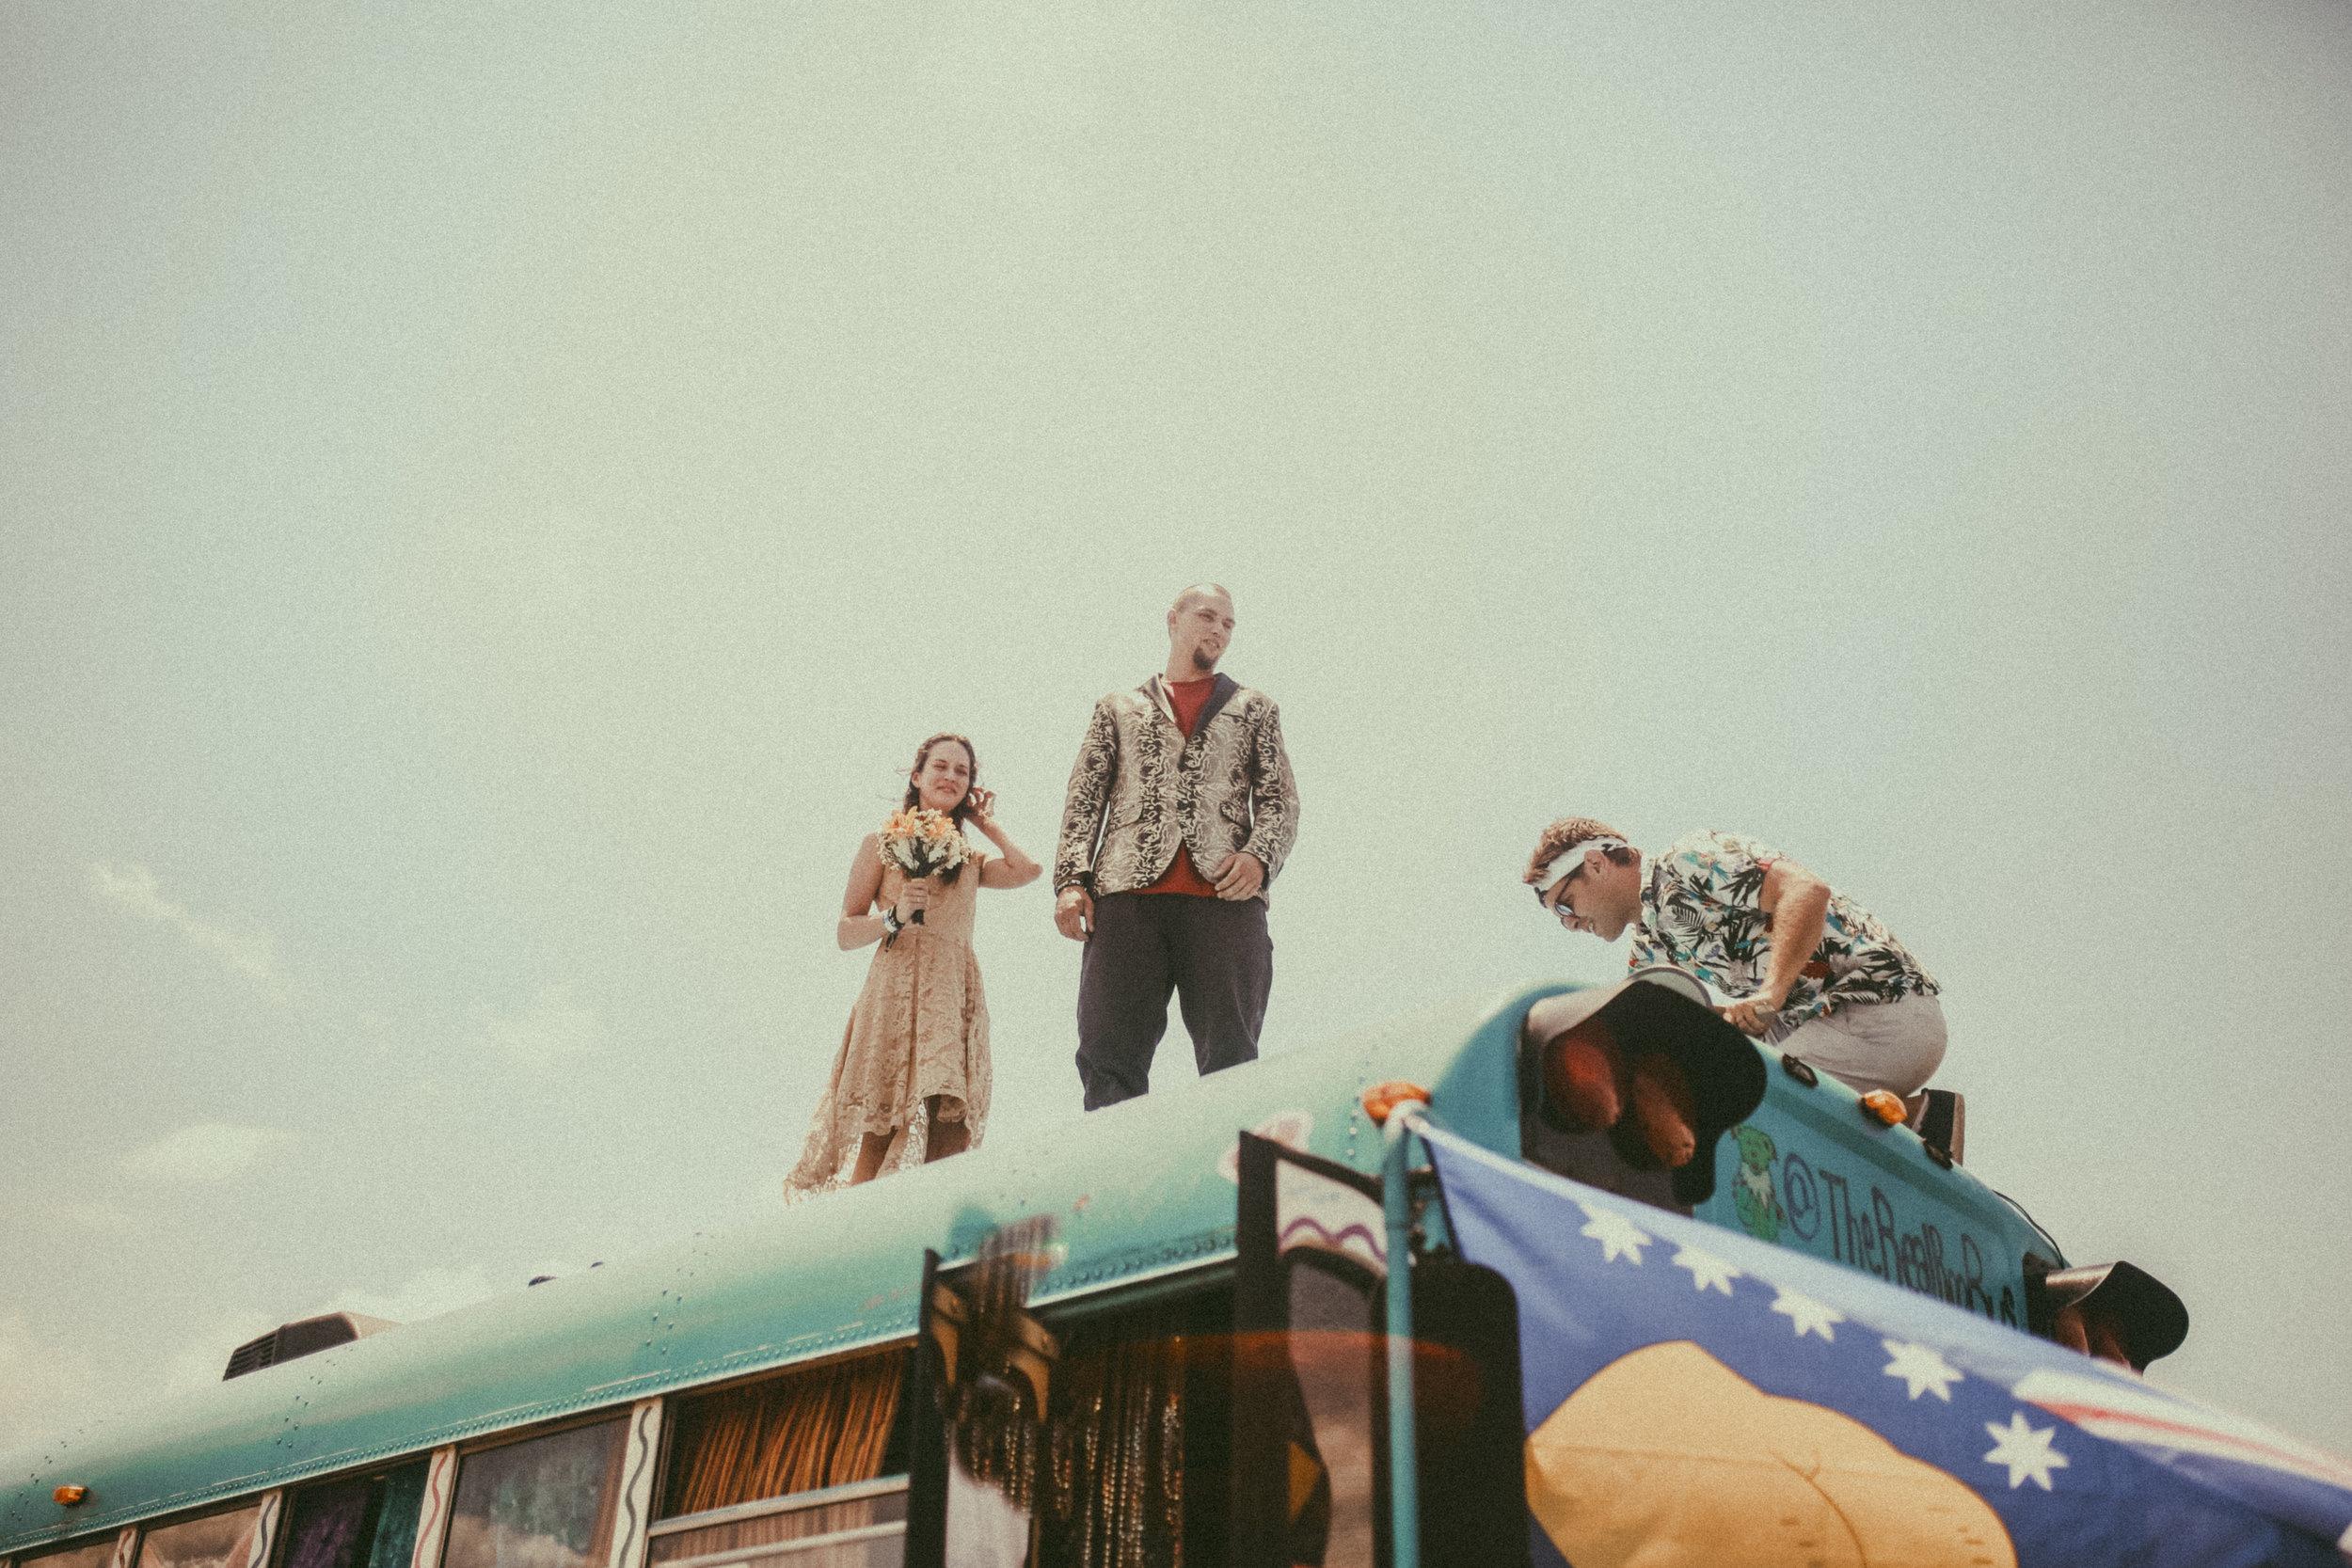 Bonnaroo-MusicFestivalWedding-Brittany&Kevin-18.jpg